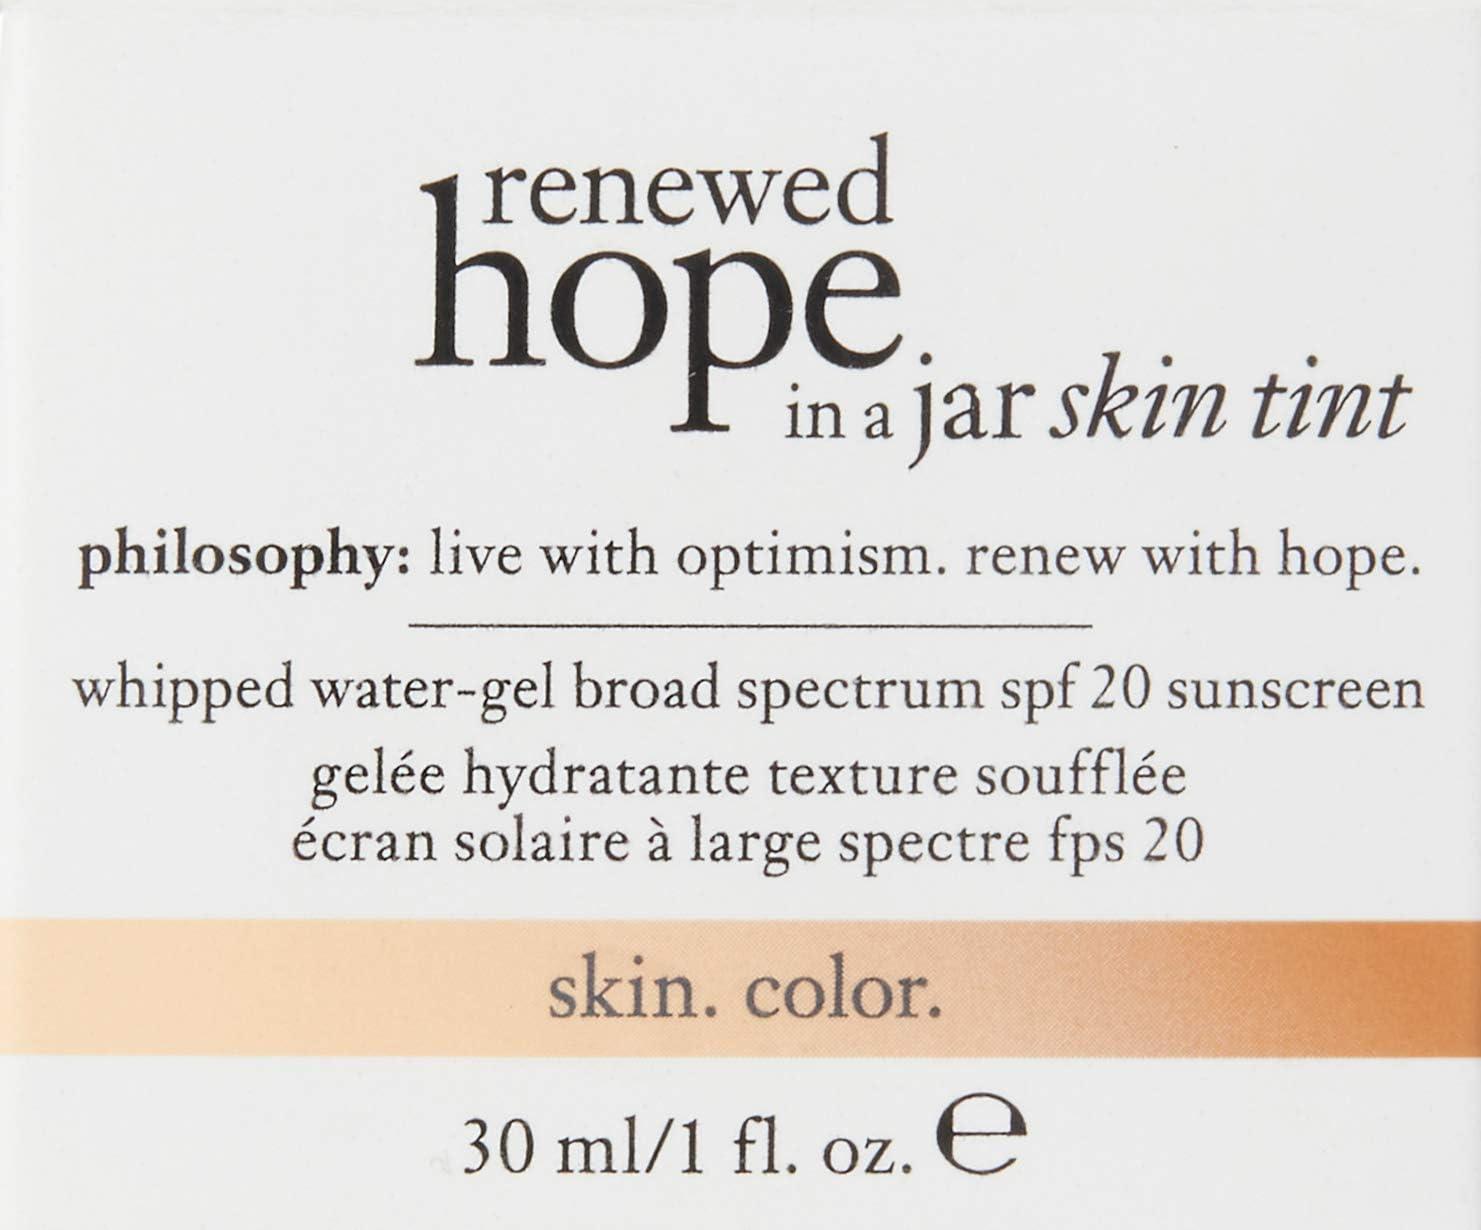 Renewed Hope In A Jar Skin Tint by philosophy #18